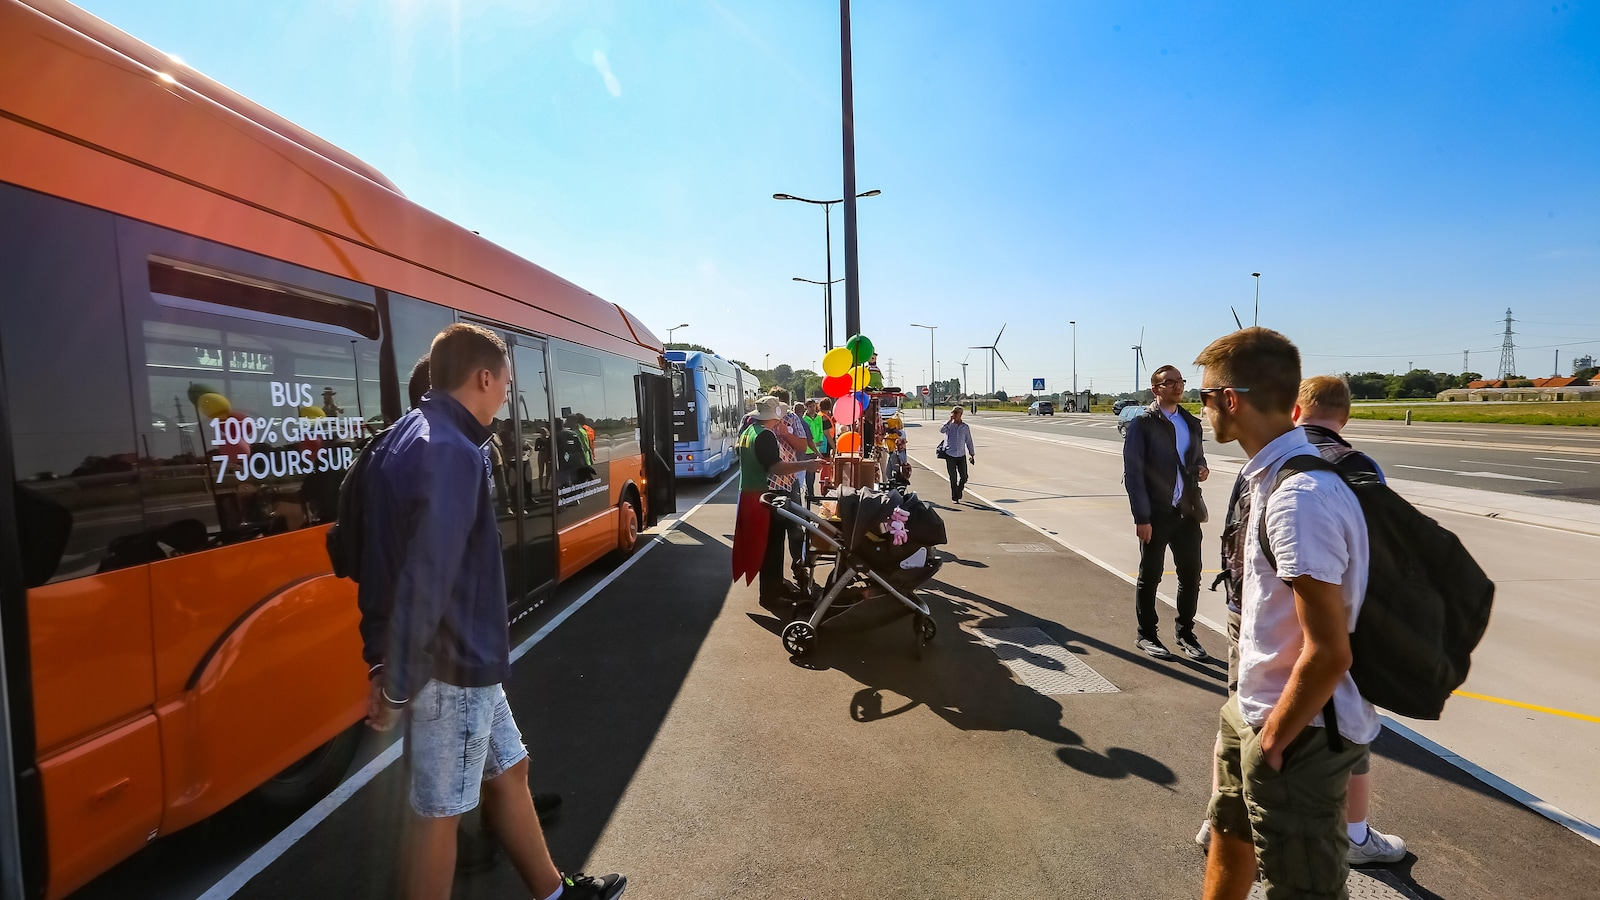 Des utilisateurs du réseau d'autobus de transport de Dunkerque circulent dans un pôle d'échange.